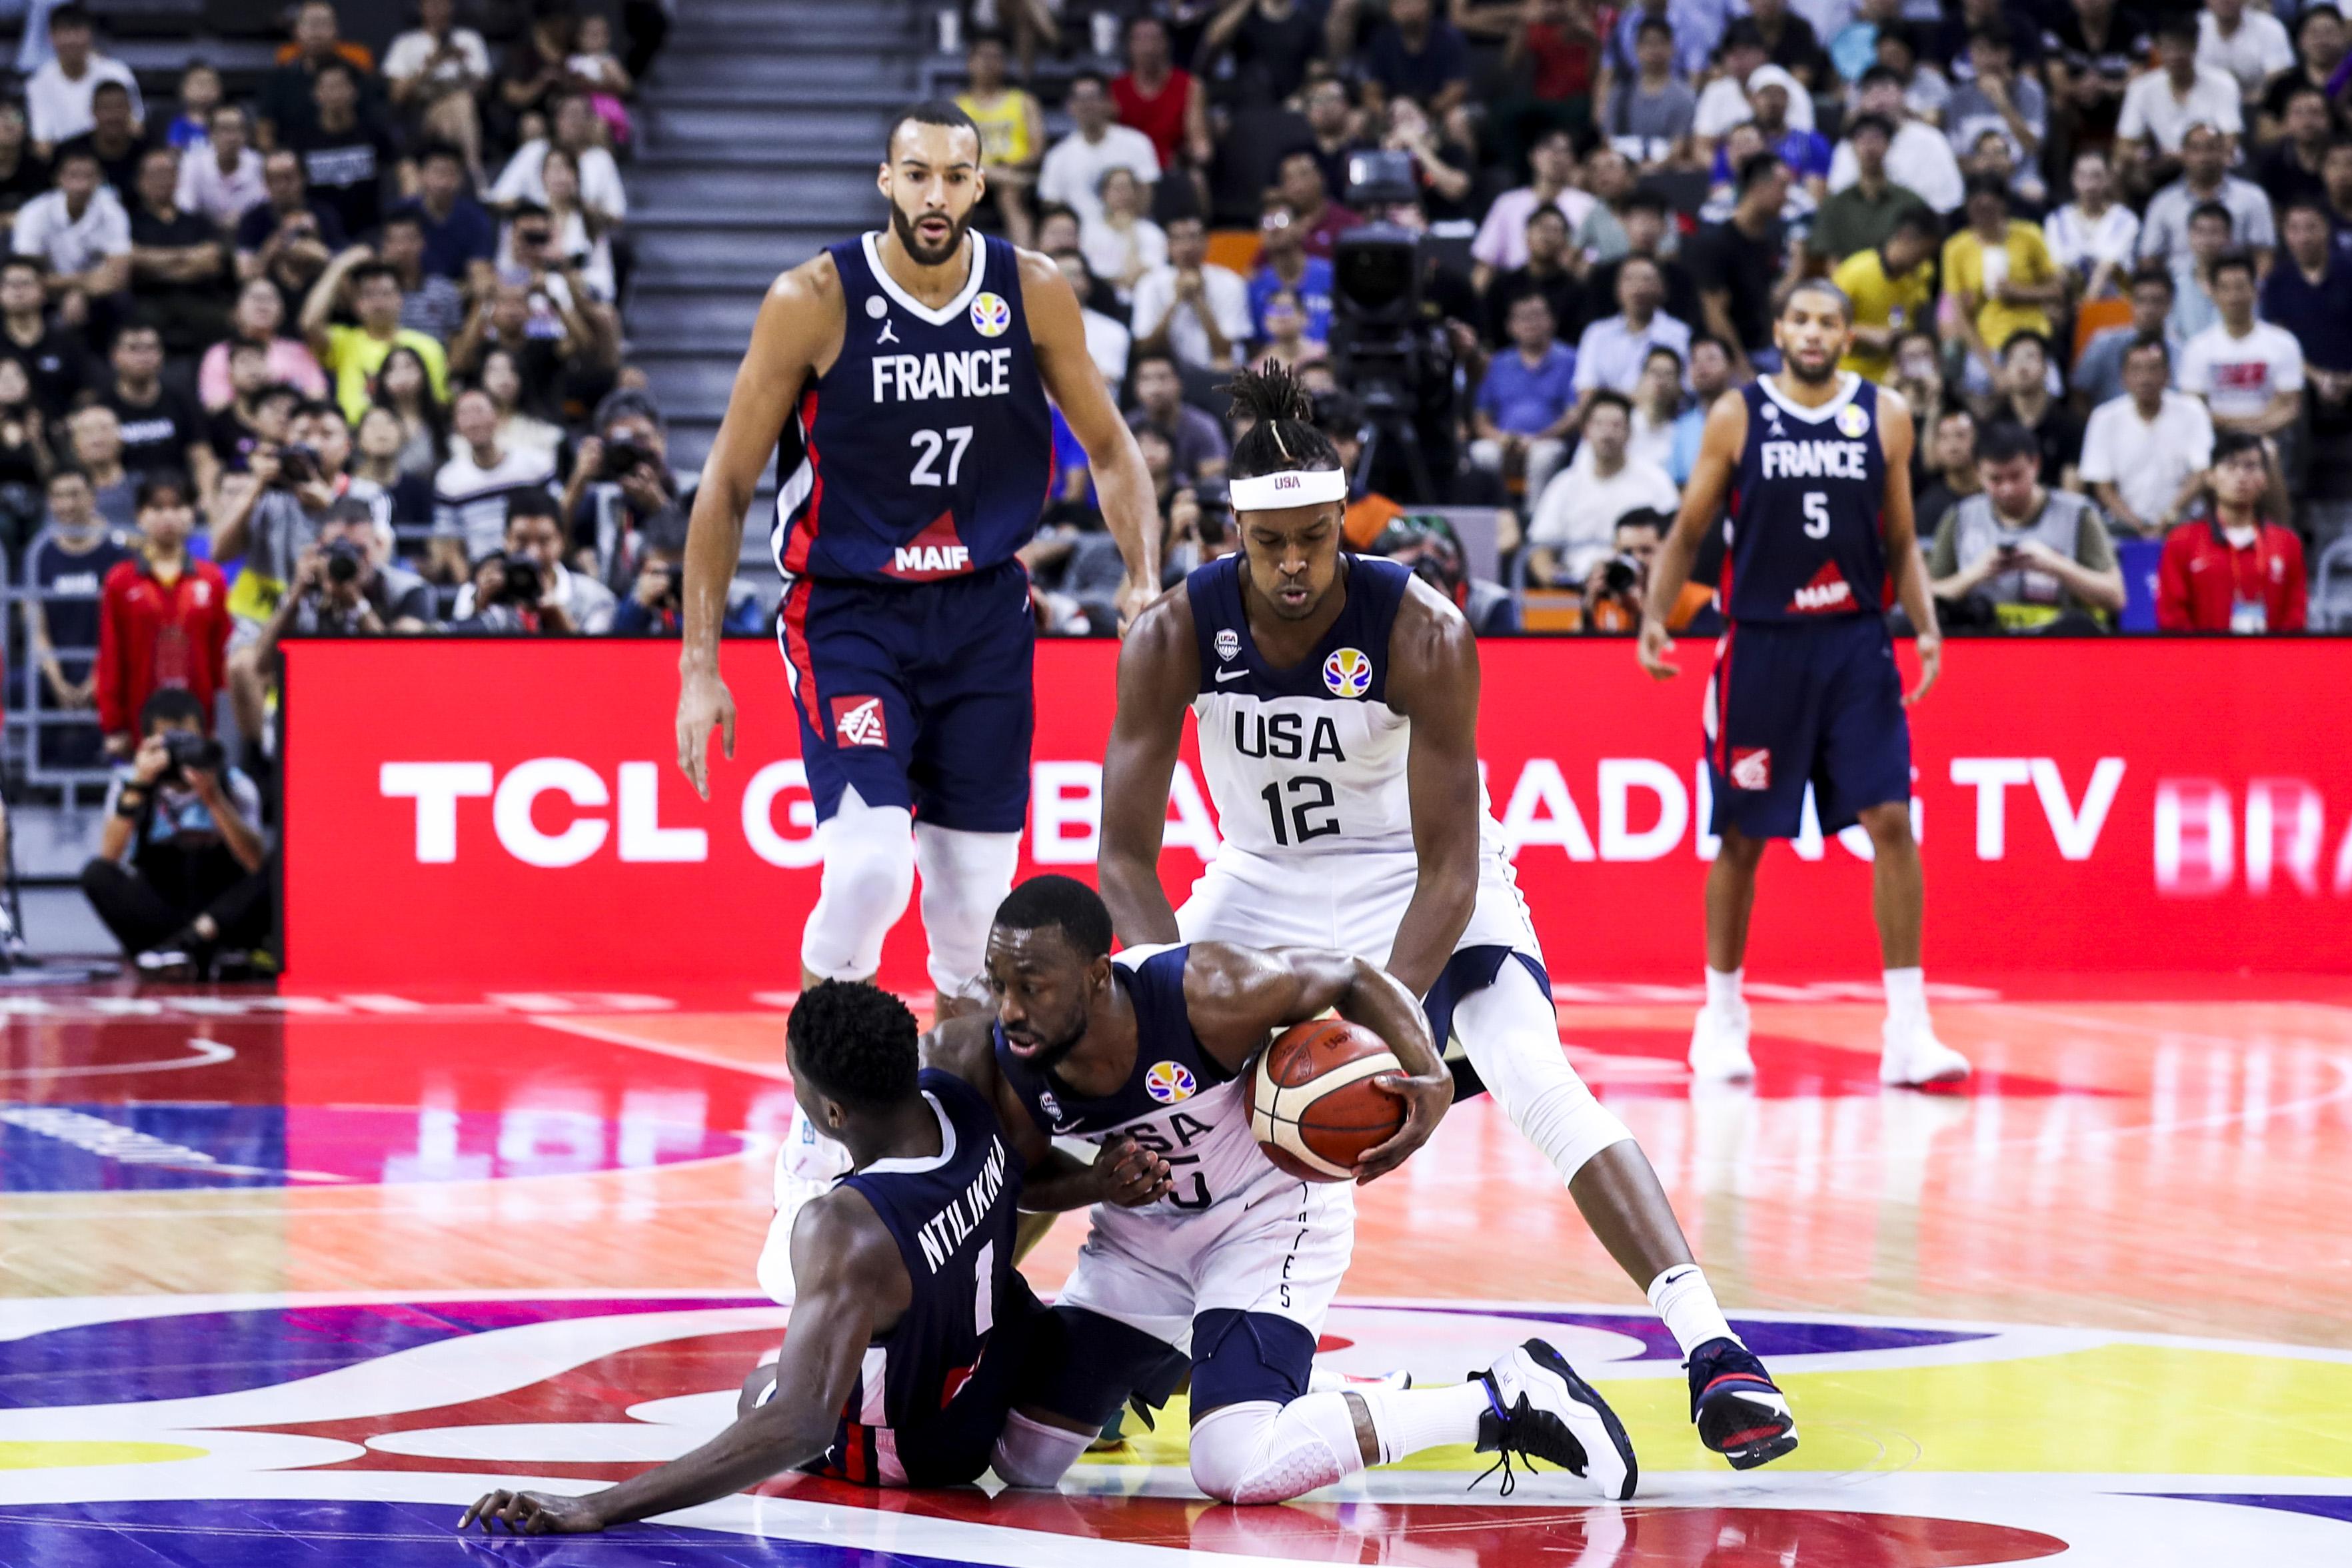 A címvédő amerikaiak a negyeddöntőben kikaptak a kosárlabda-vb-n